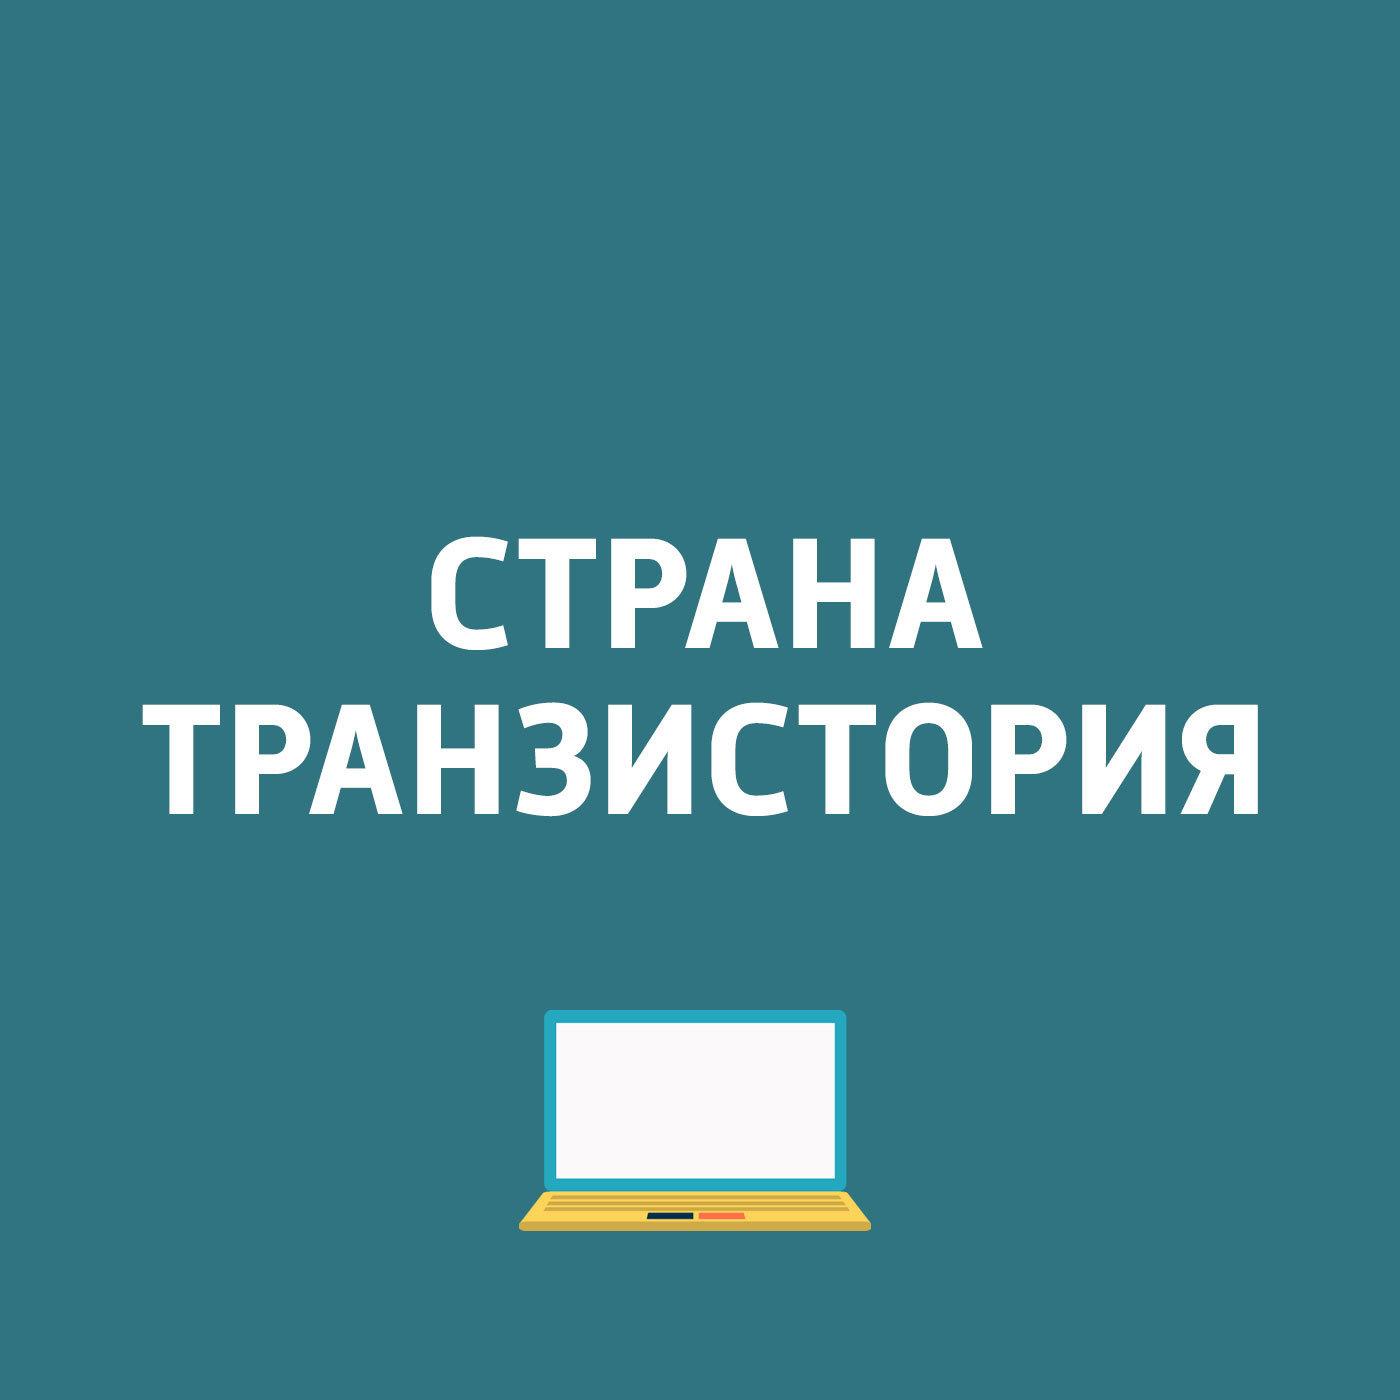 Картаев Павел LG запускает продажи смартфона LG G5. Умная лента новостей «ВКонтакте. Приложение AdCleaner для iOS. картаев павел lg signature завершились игромир и комикон